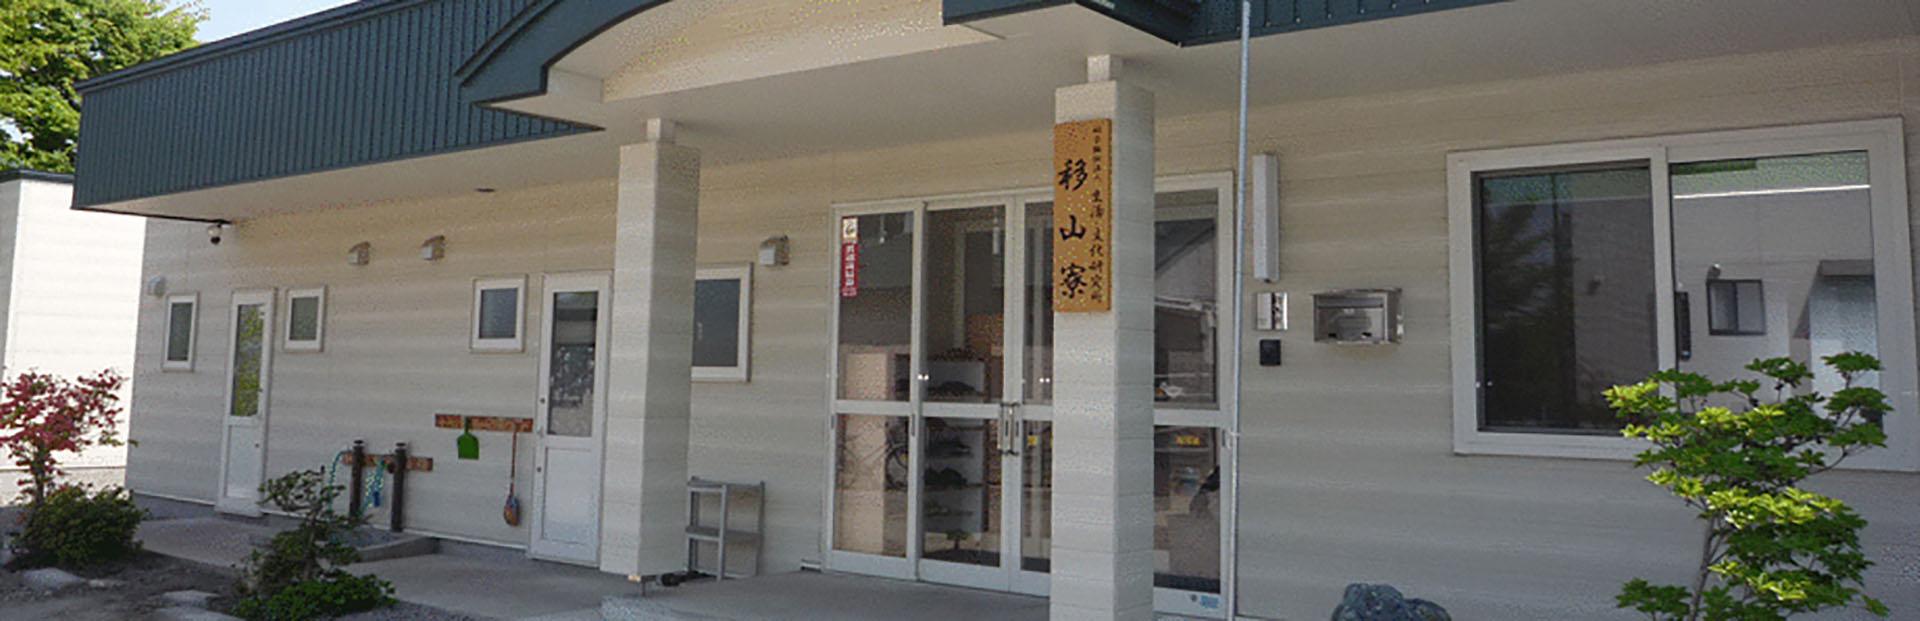 社会福祉法人 生活・文化研究所 移山寮